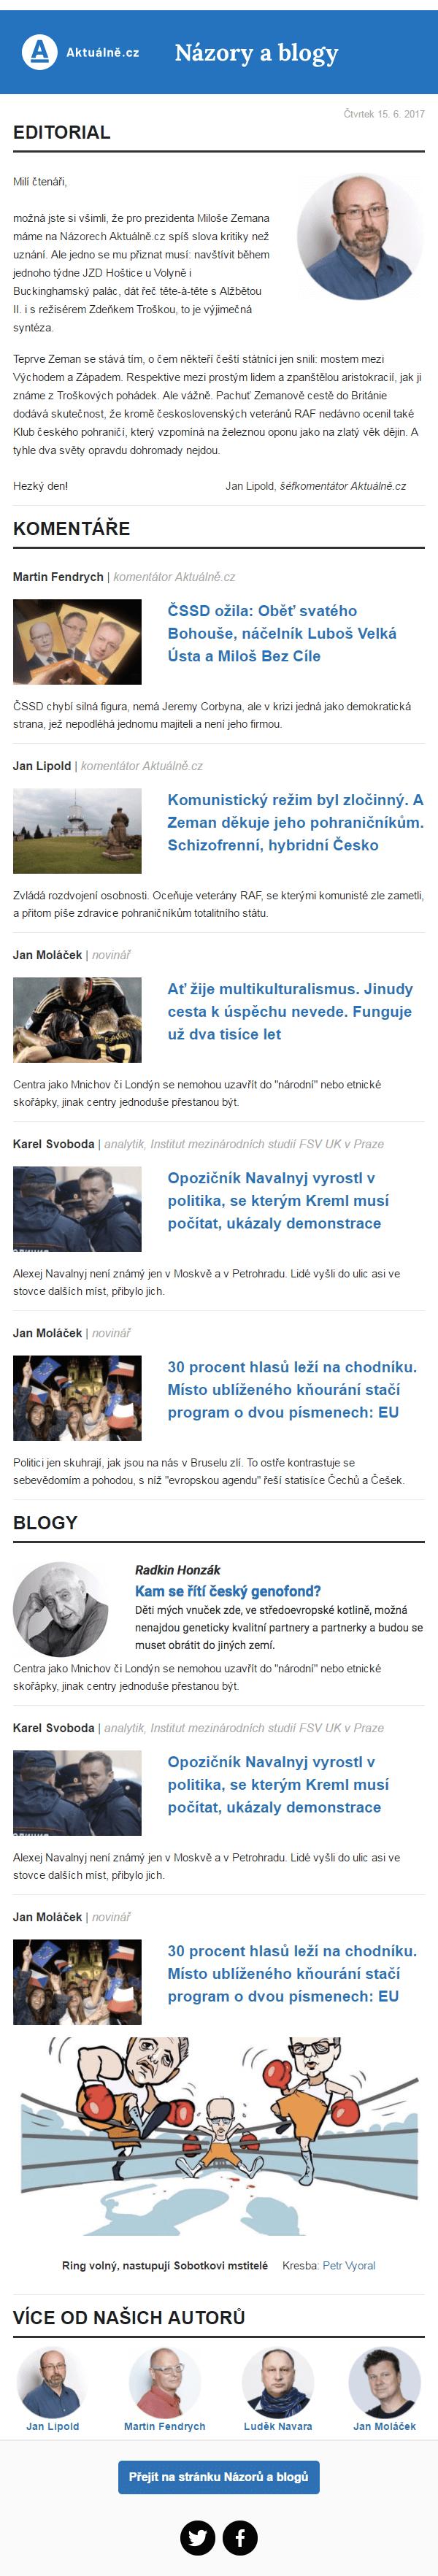 Náhled newsletteru Názory Aktuálně.cz